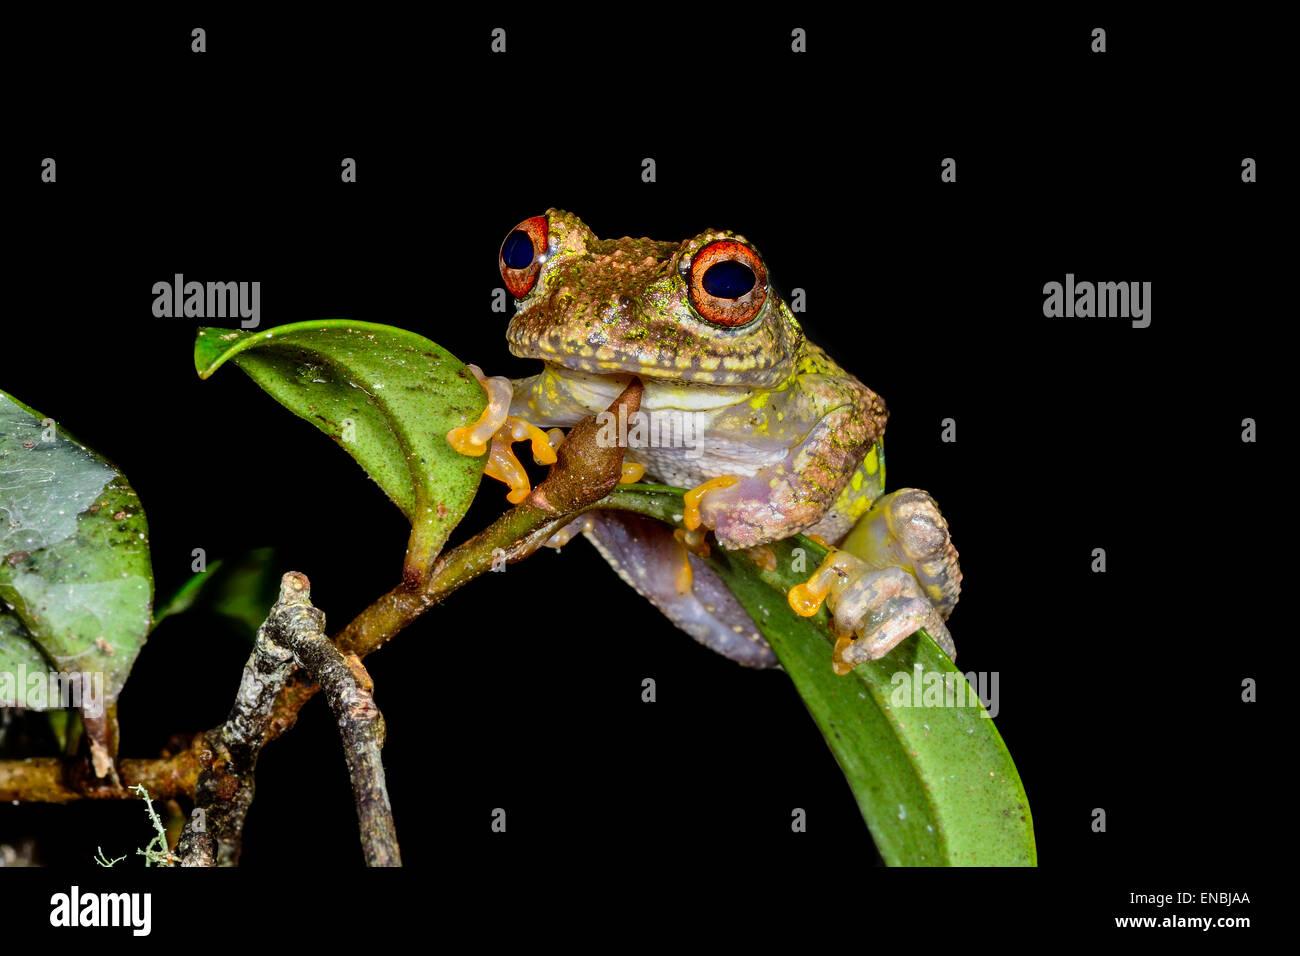 guibe's warty treefrog, andasibe, madagascar - Stock Image